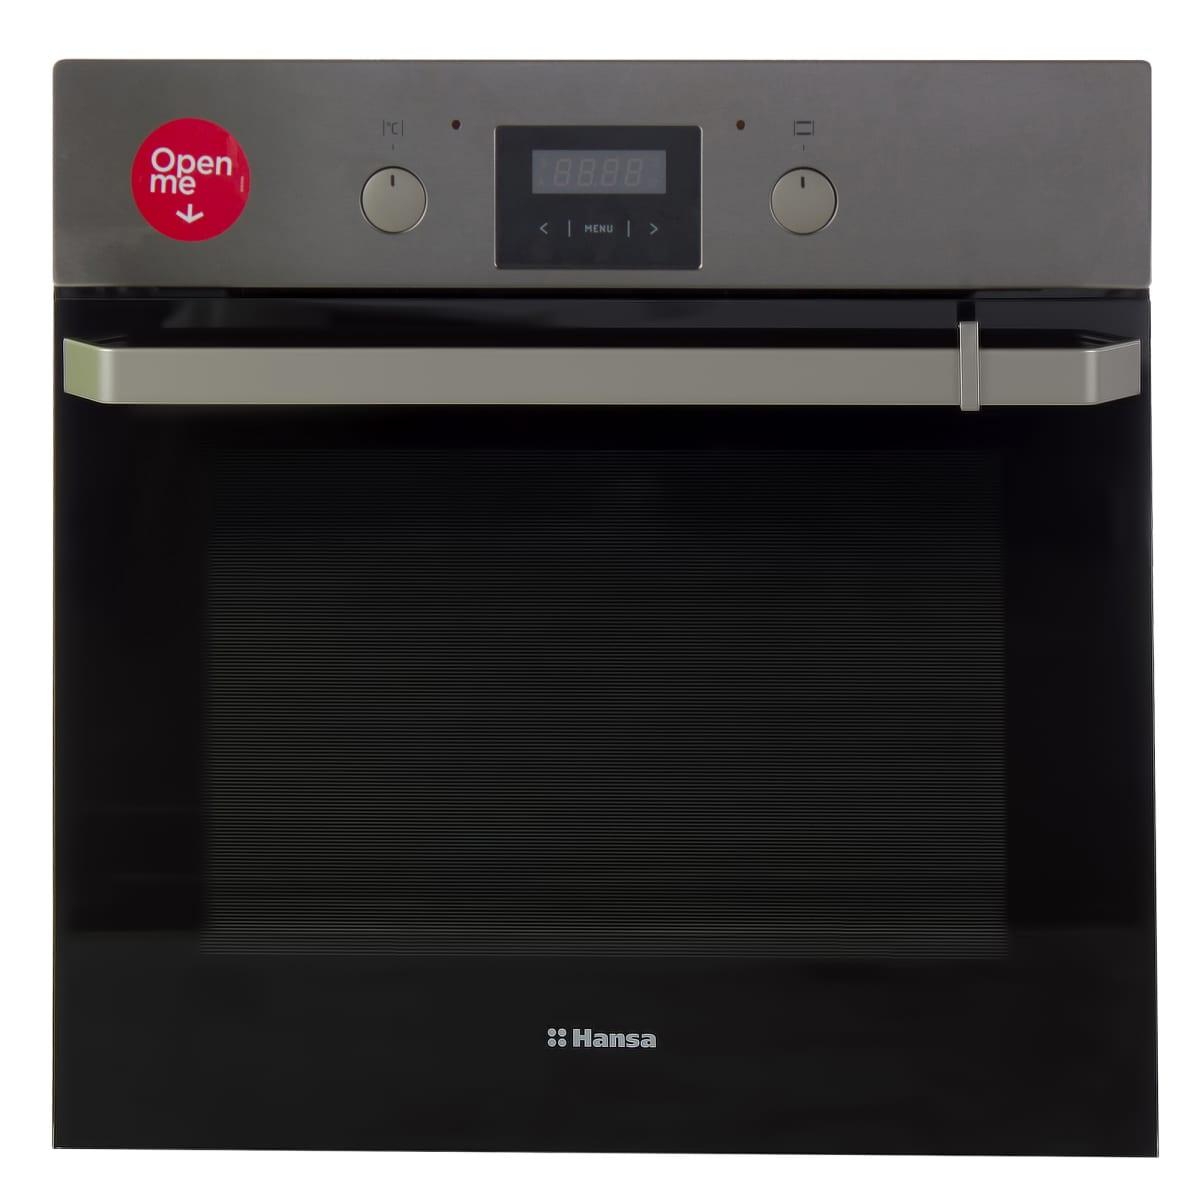 Духовой шкаф HANSA BOEI68462, 59.5x59.5x57.5 см, нержавеющая сталь